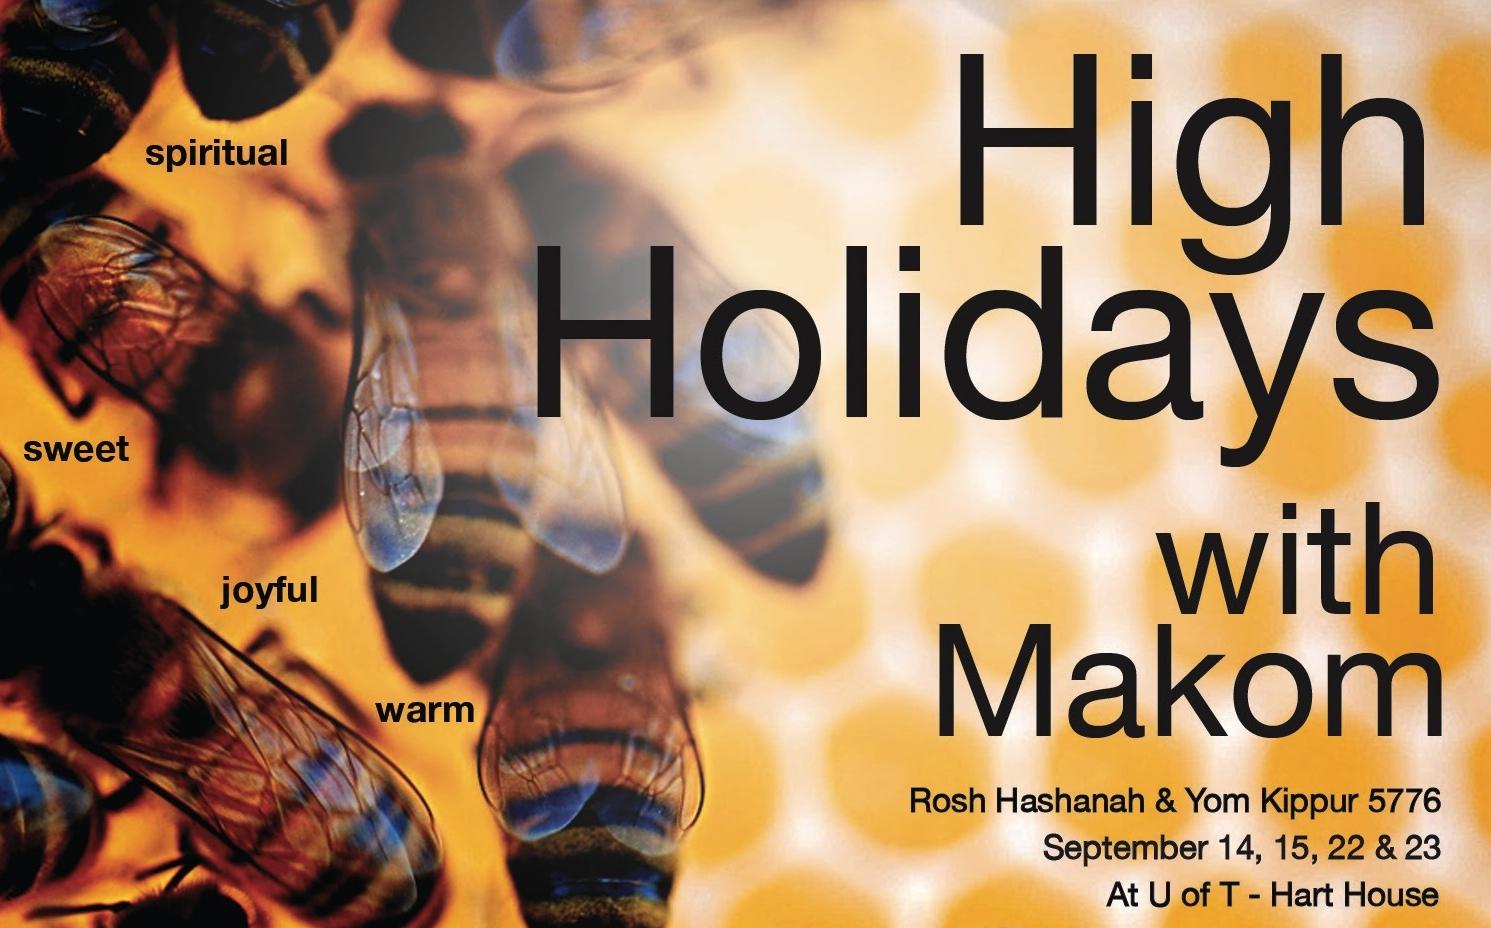 Makom High Holidays, Makom Rosh Hashanah, Makom Yom Kippur, Makom 5776